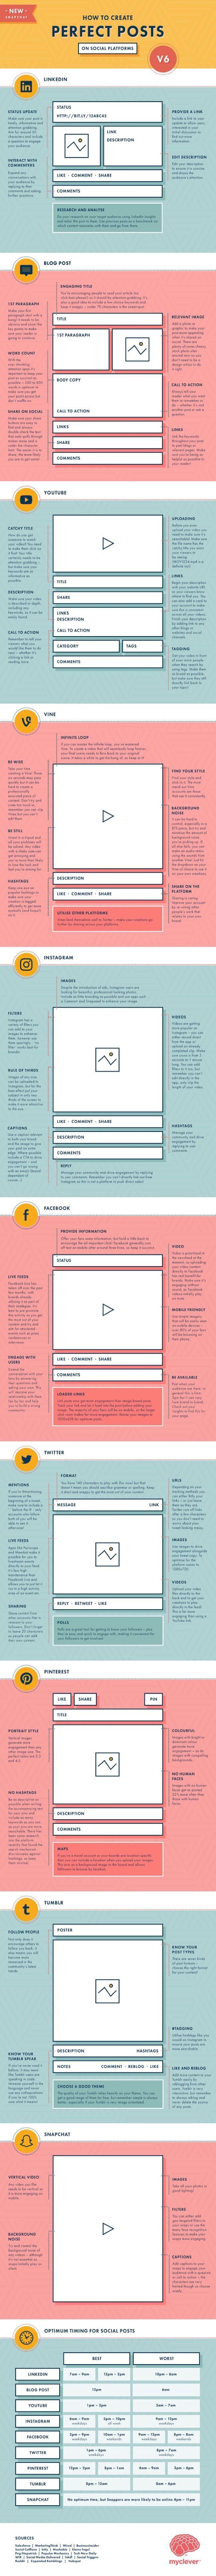 De perfecte posts & afmetingen voor 10 social mediaplatformen [infographic] Nu ook met Snapchat!